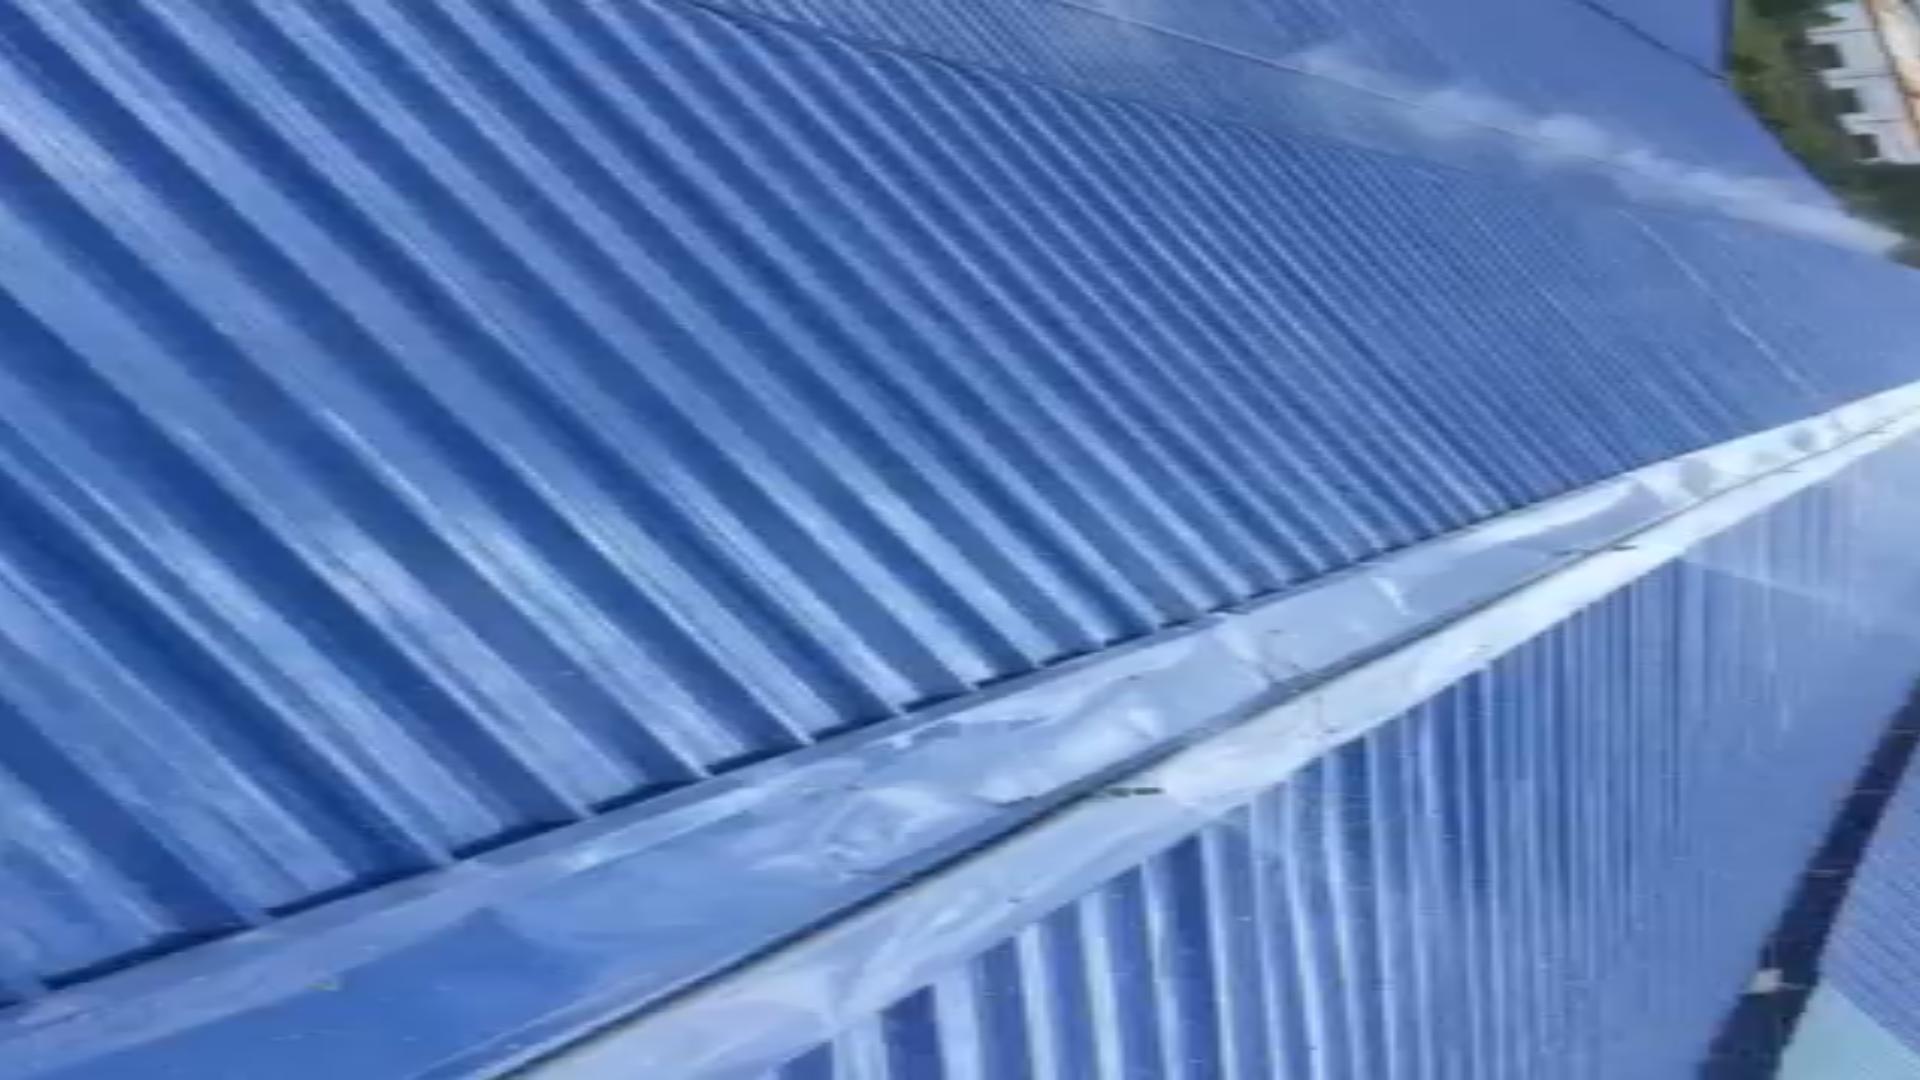 Dịch vụ lắp đặt hệ thống phun nước mái tôn cho công ty Kanaan tỉnh Long An